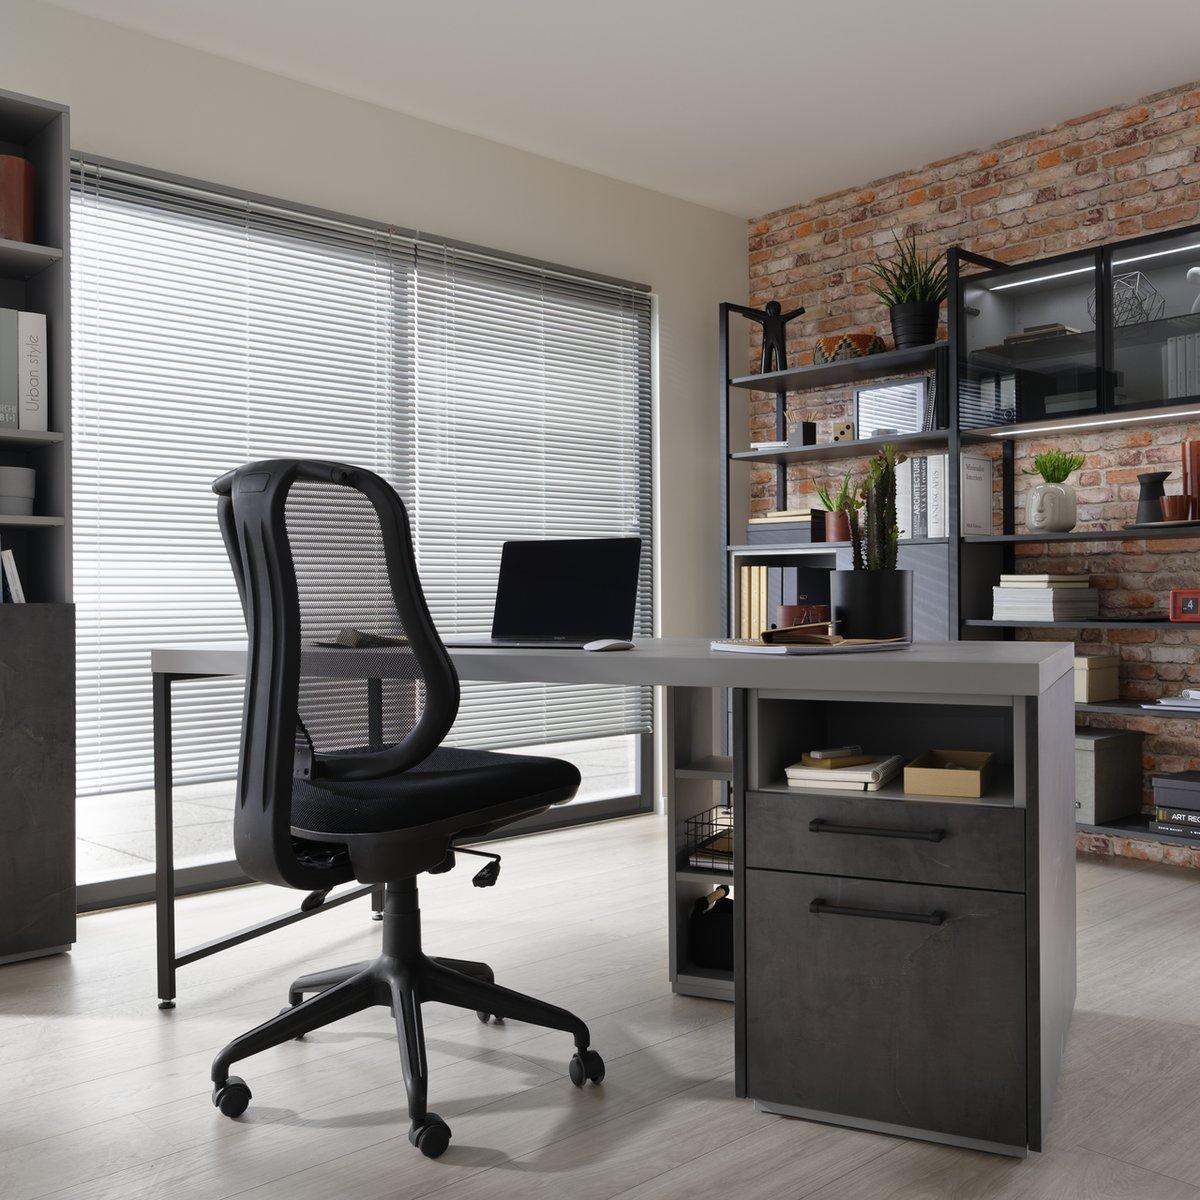 Chaise de bureau à roulette ergonomique